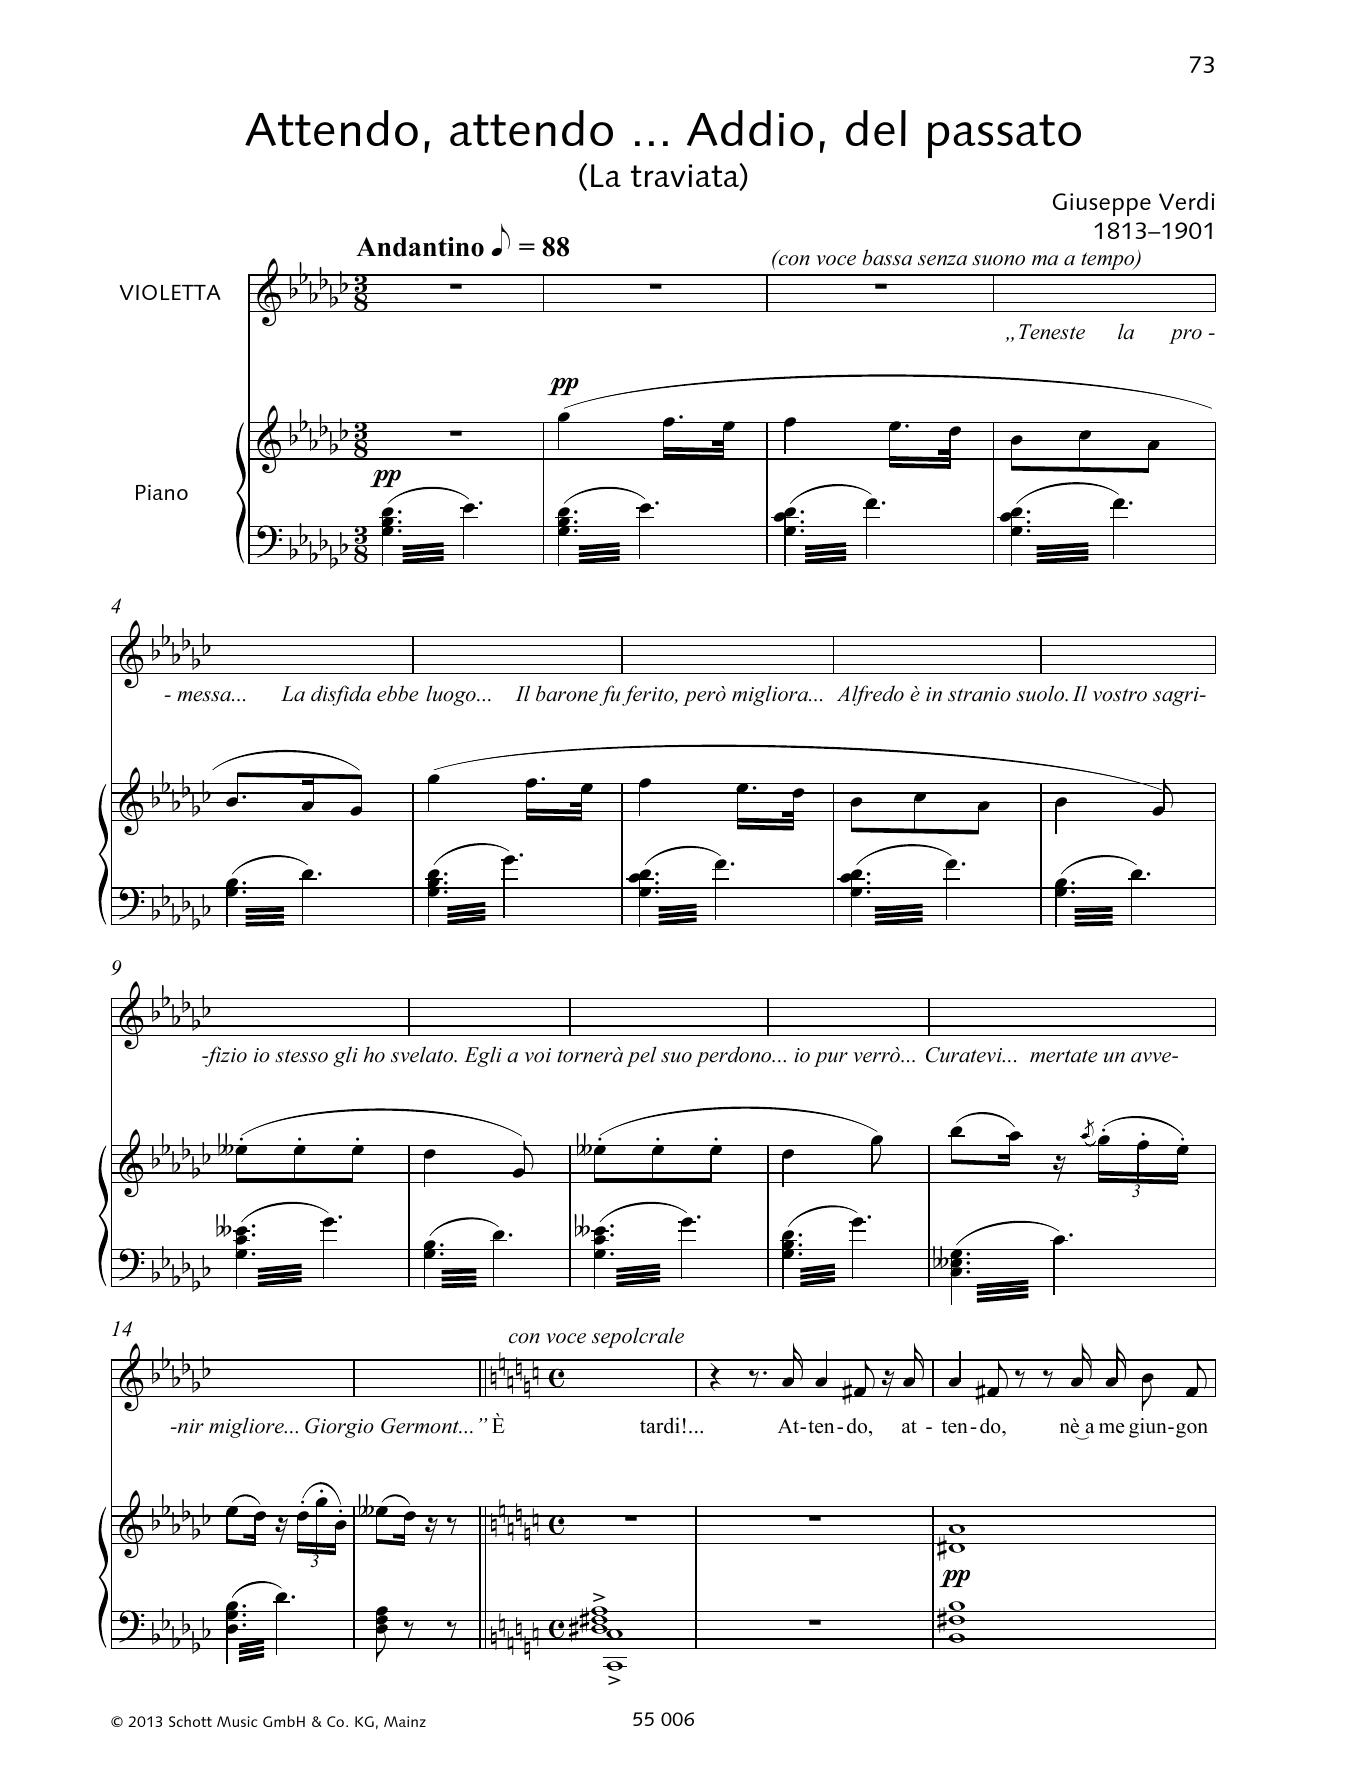 Giuseppe Verdi - Attendo, attendo ... Addio, del passato